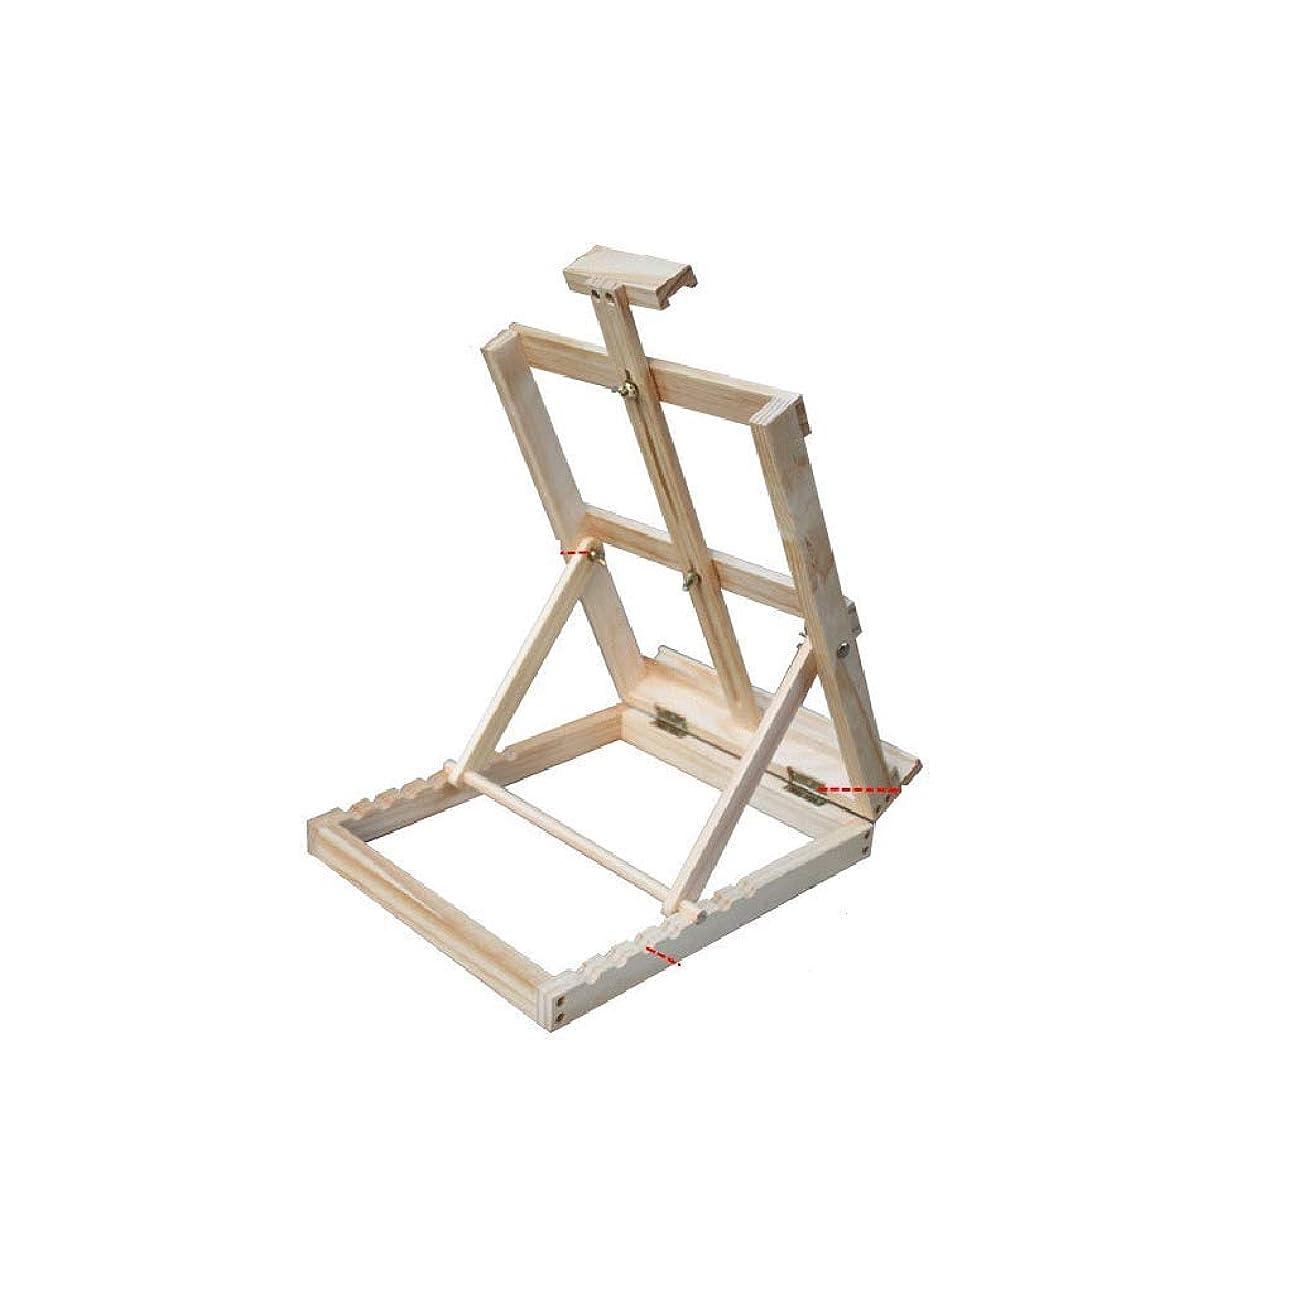 とらえどころのないソーダ水砂漠折りたたみ式多機能テーブルイーゼル、調整可能なマルチアングル、簡単に実行できる、子供に適した47x30.5x30.5cm JKMQA